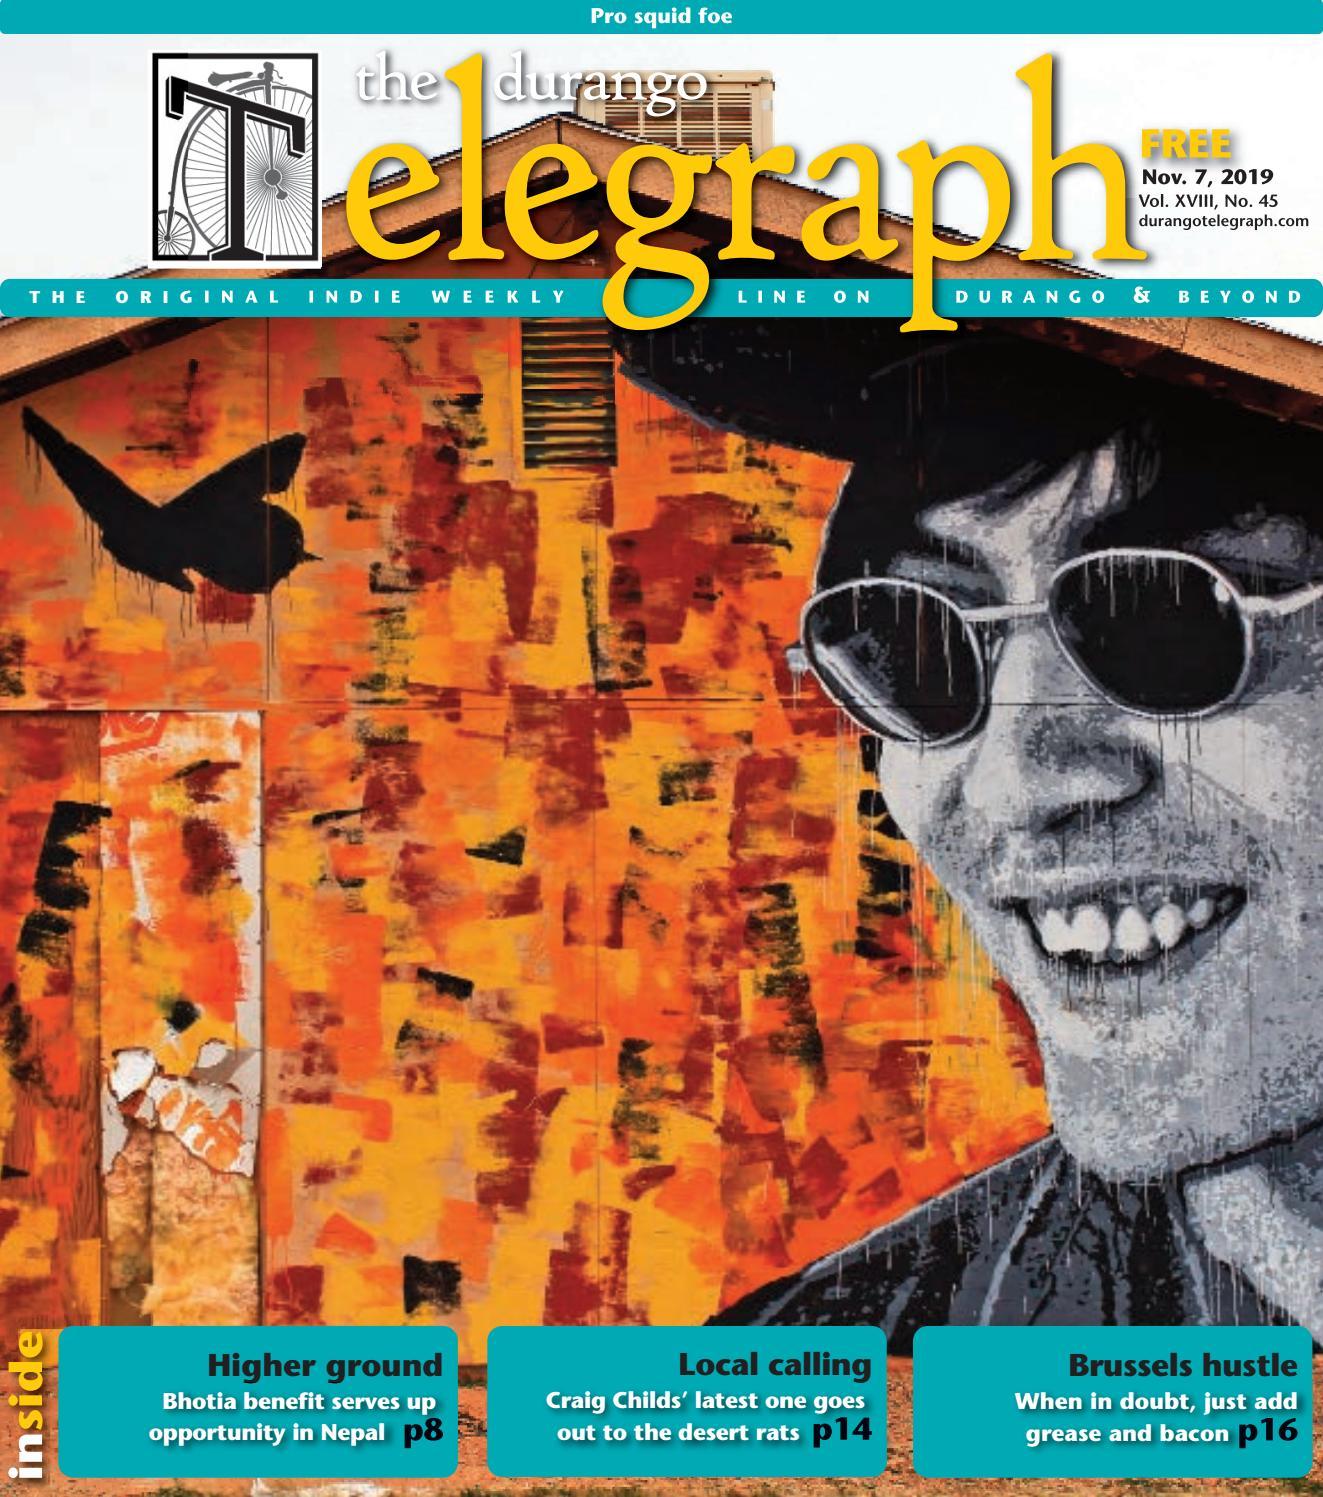 Ass Traffic Teen durango telegraph - november 7, 2019durango telegraph